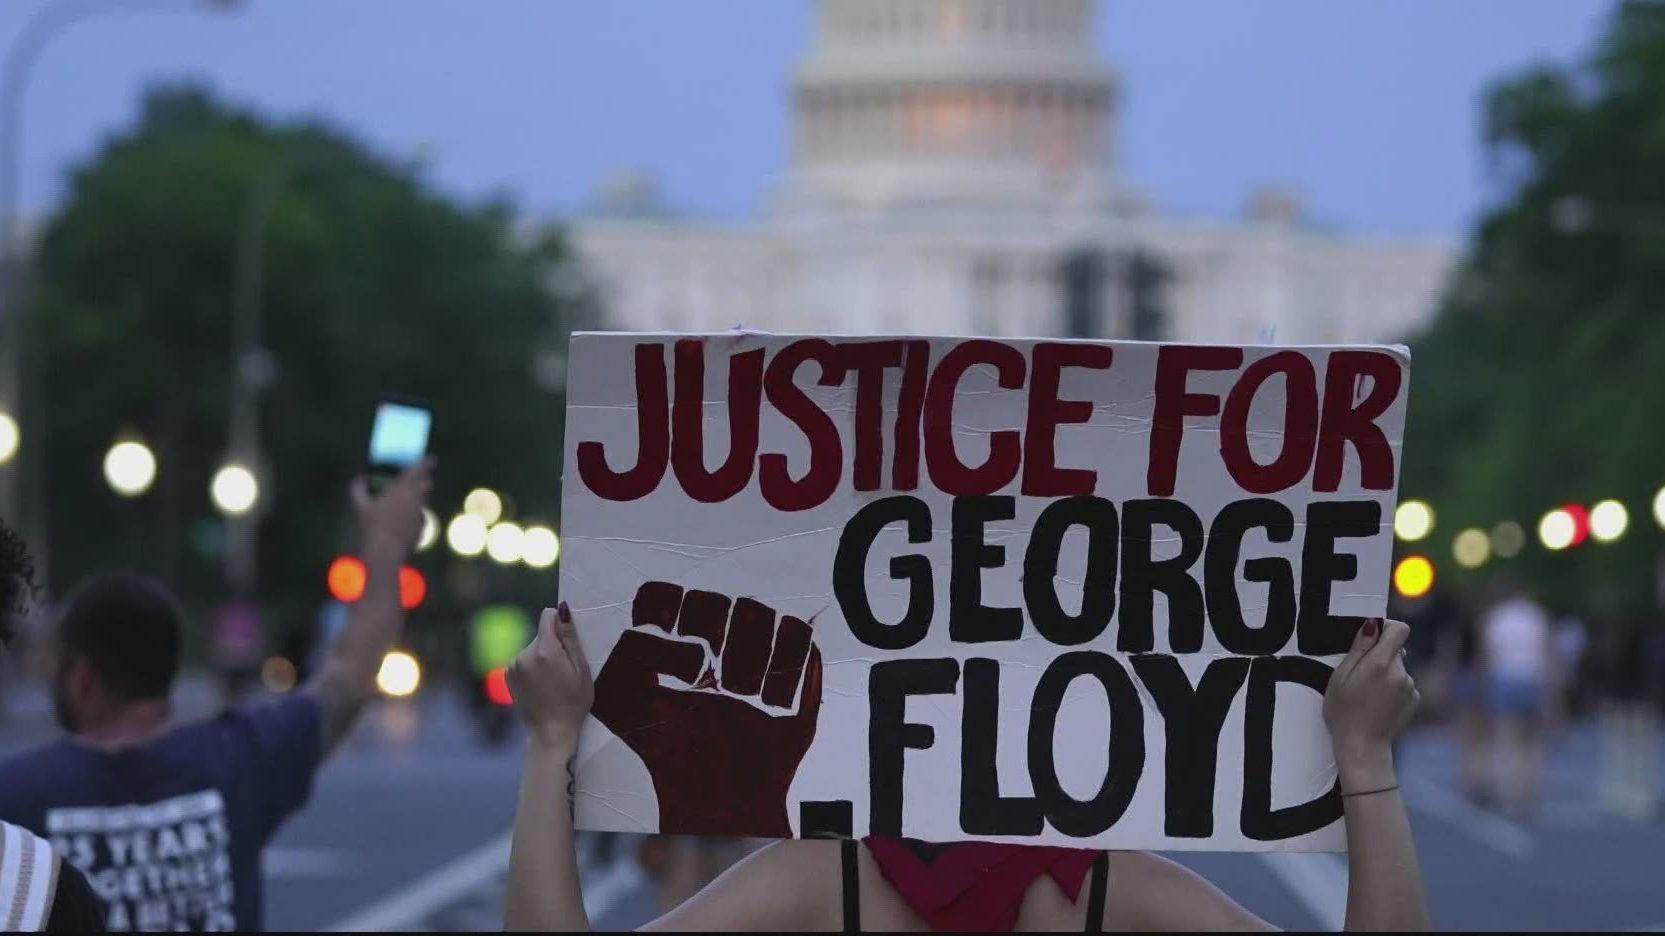 Объединенное хип-хоп сообщество требует справедливости для Джорджа Флойда